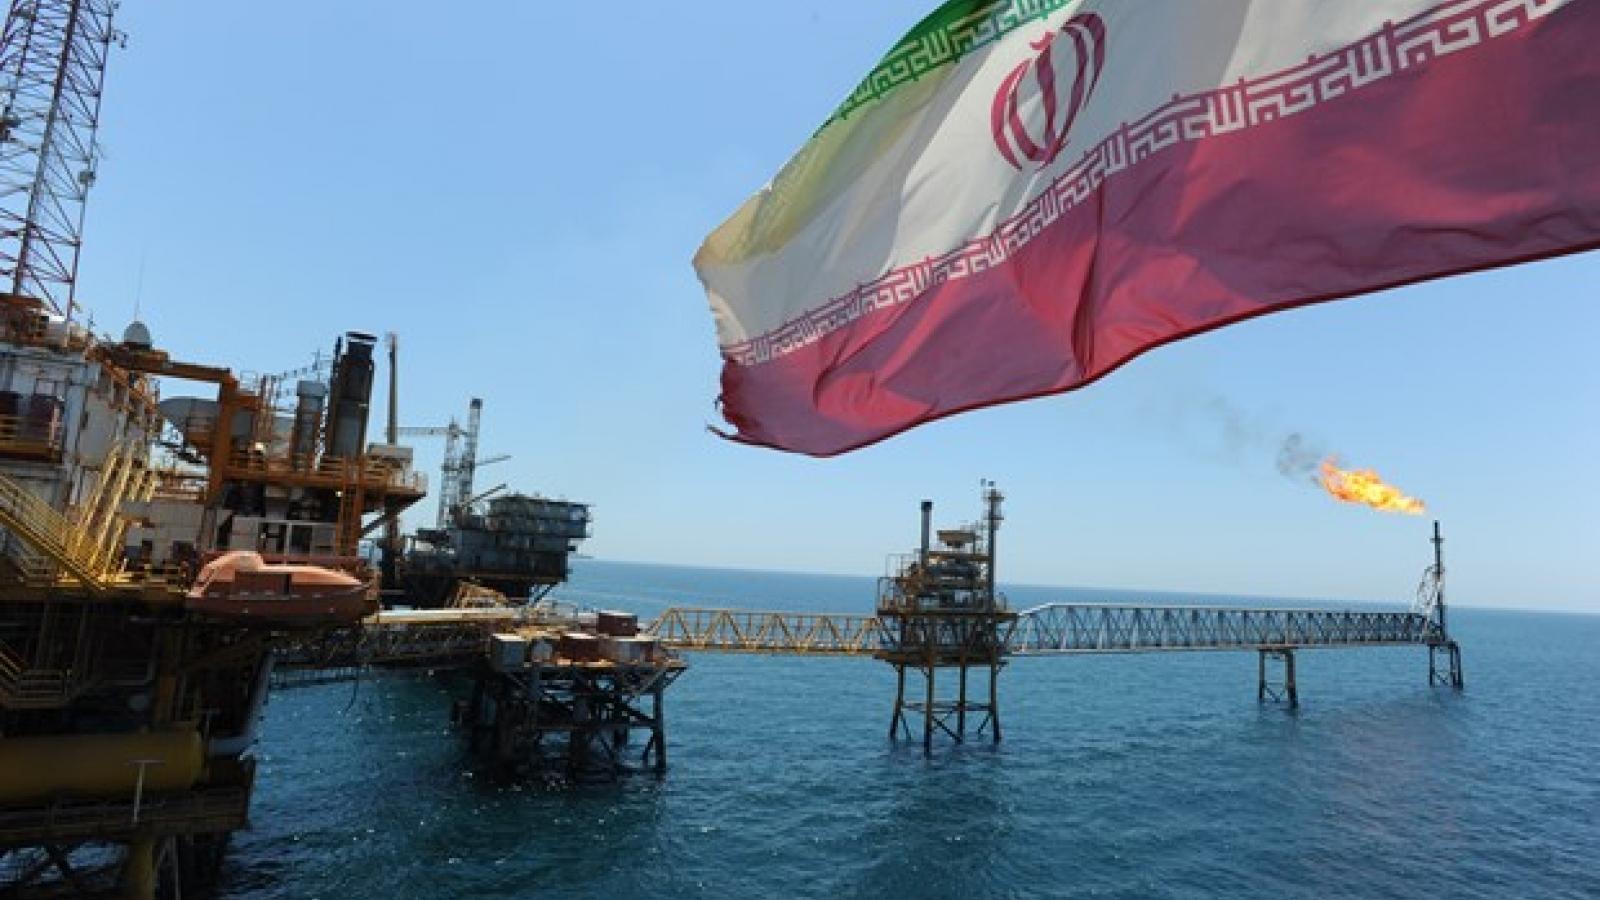 Venezuela và Iran đạt thỏa thuận trao đổi dầu thô và chất phụ gia